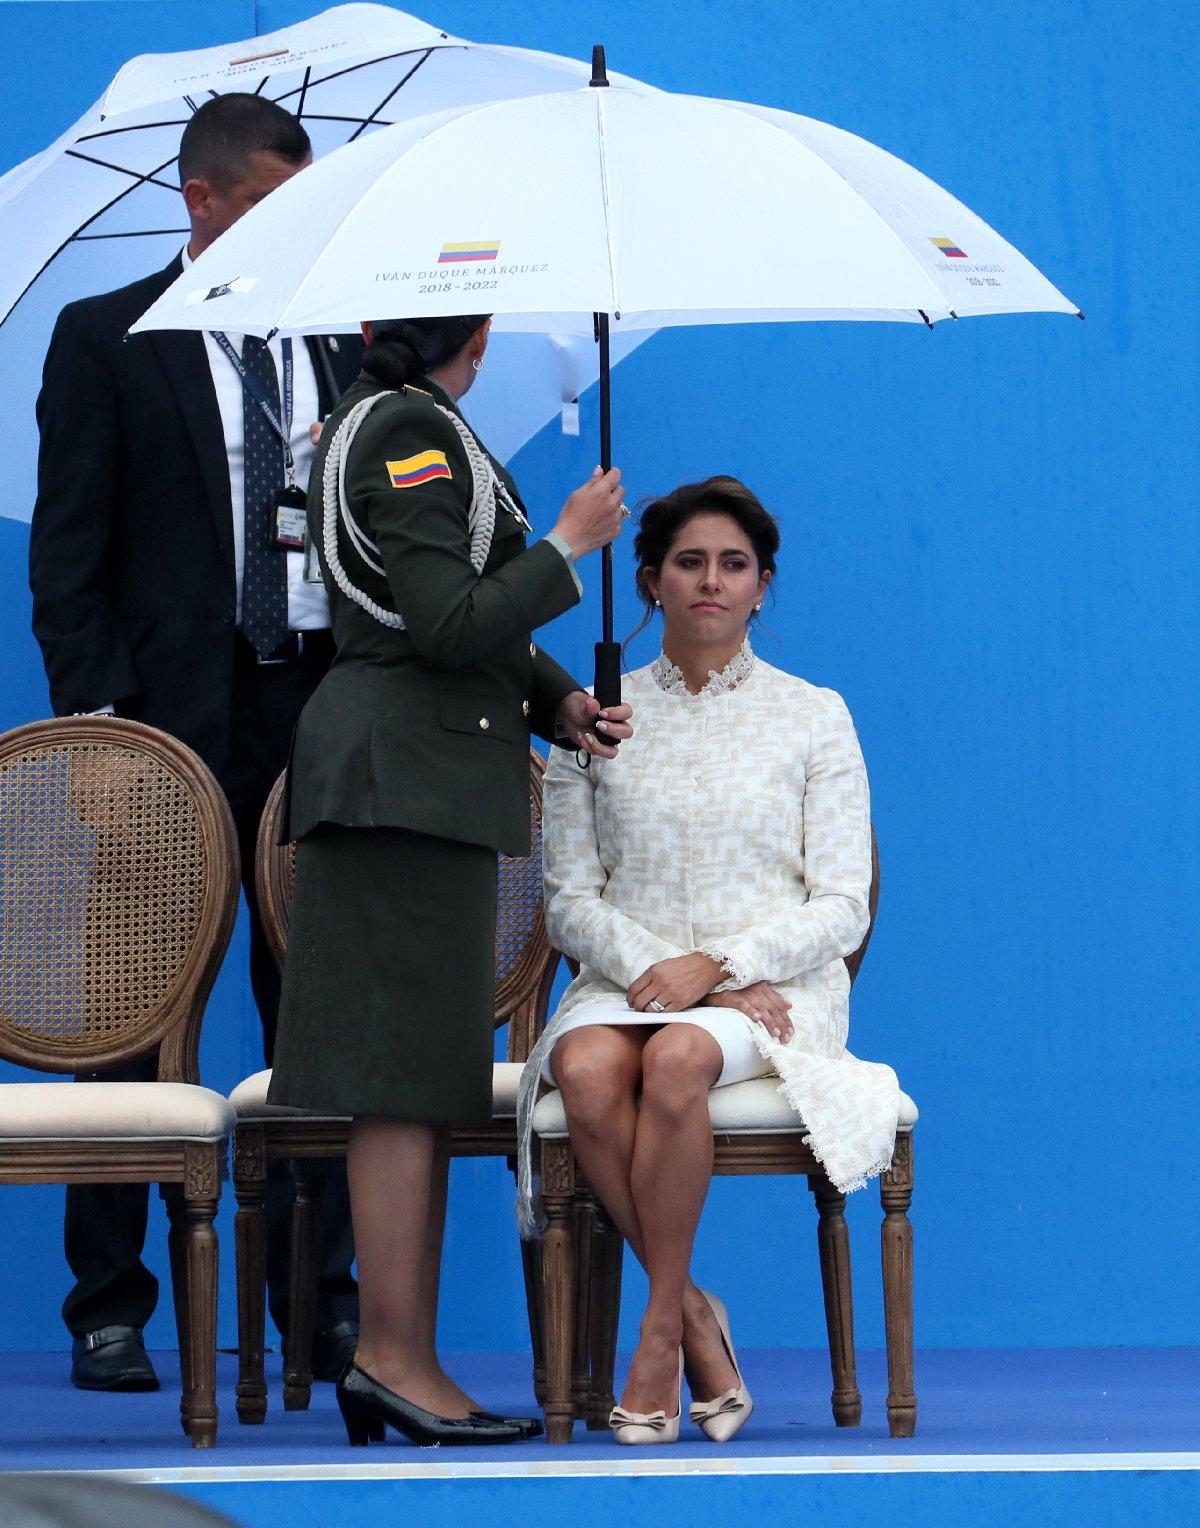 Davetliler arasında sadece First Lady'e şemsiye tutulması diğer konuklardan tepki çekti.